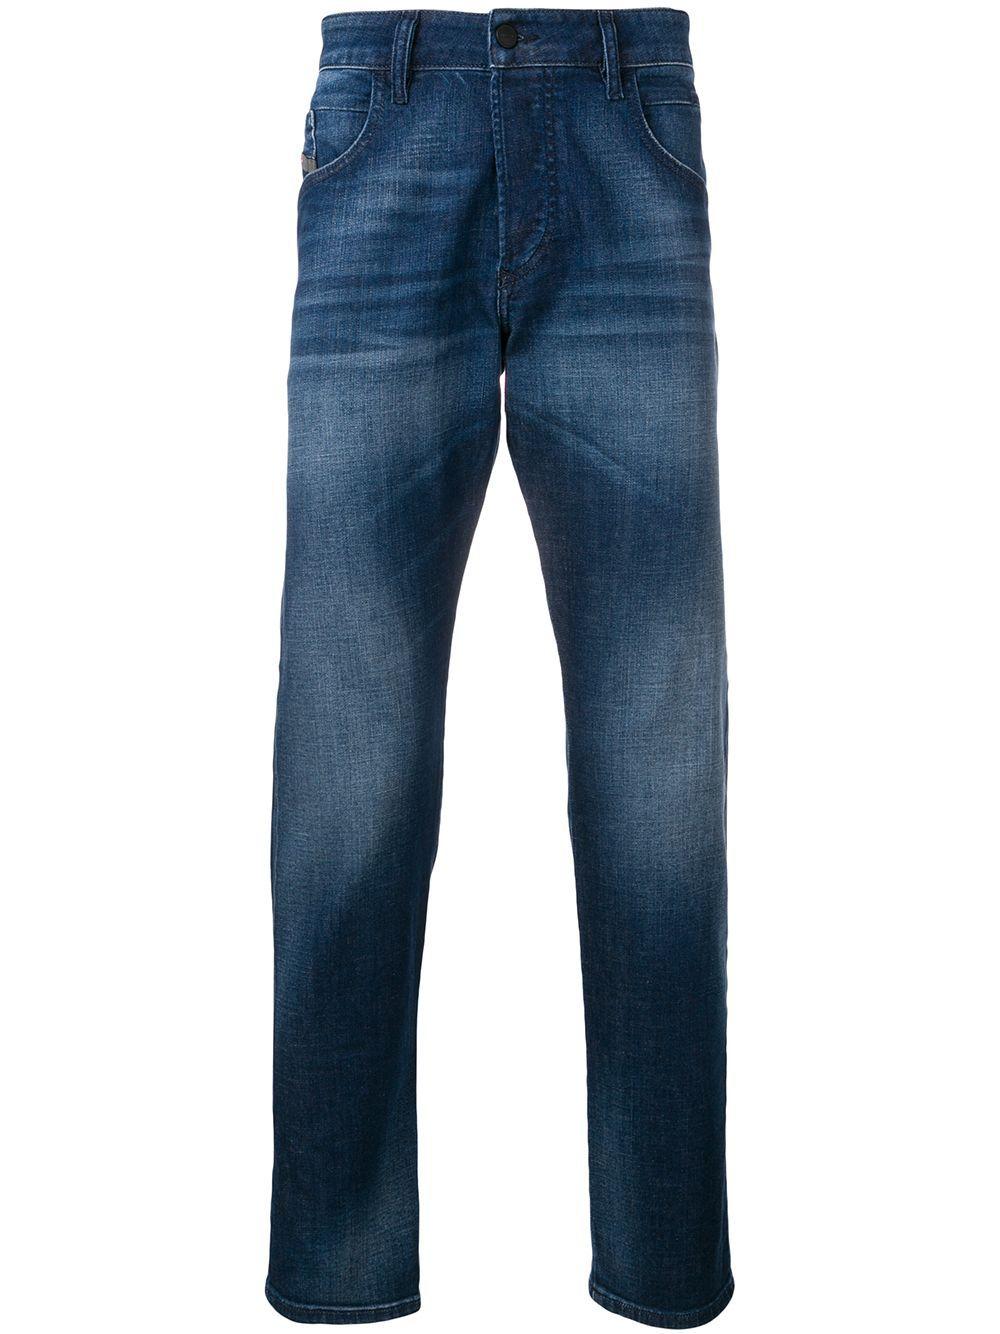 f3e4cbba DIESEL DIESEL SLIM FIT JEANS - BLUE. #diesel #cloth | Diesel in 2019 ...